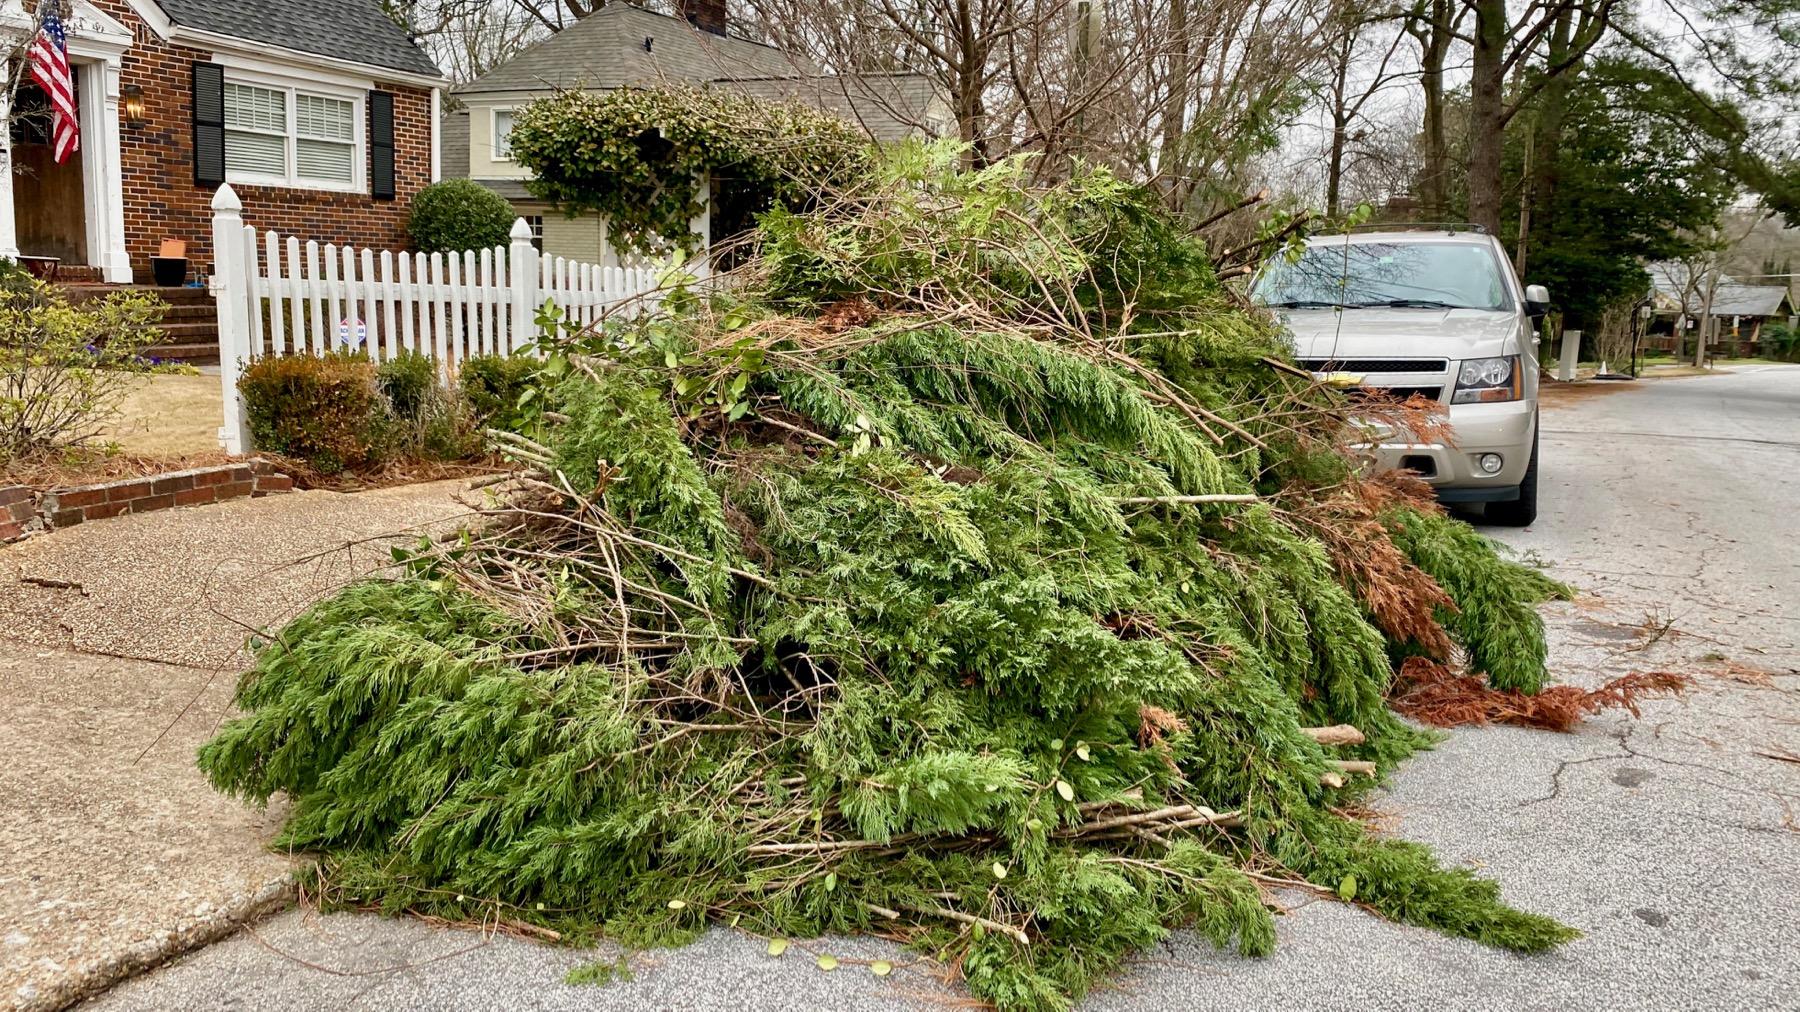 Landscape cleanup pile